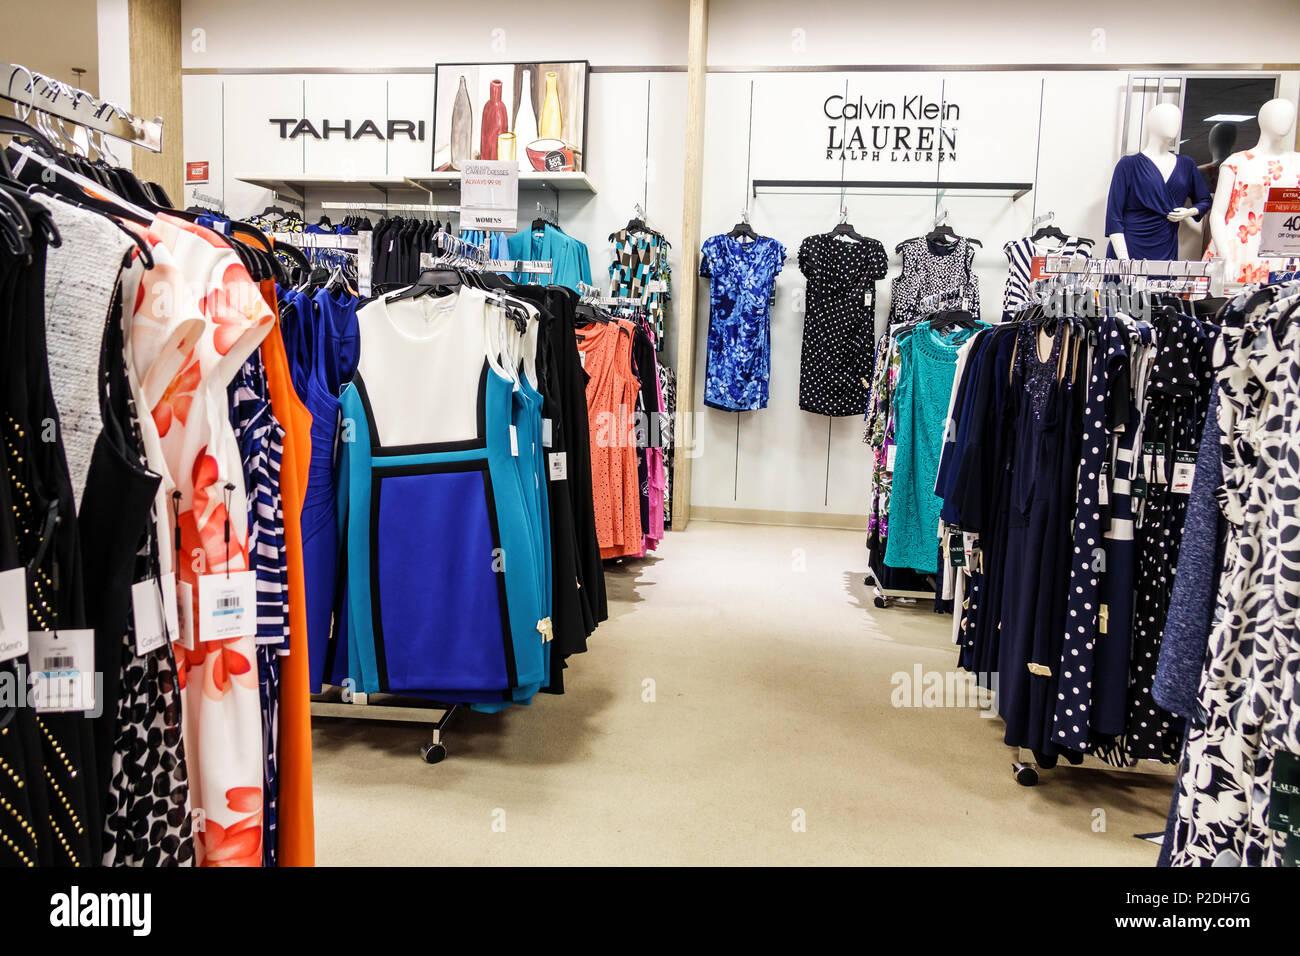 Florida Jensen Beach Macy Kaufhaus innen kleidung kleider s Shopping Frauen  Calvin Klein Lauren Tahari designer Verkauf a62147b3b3